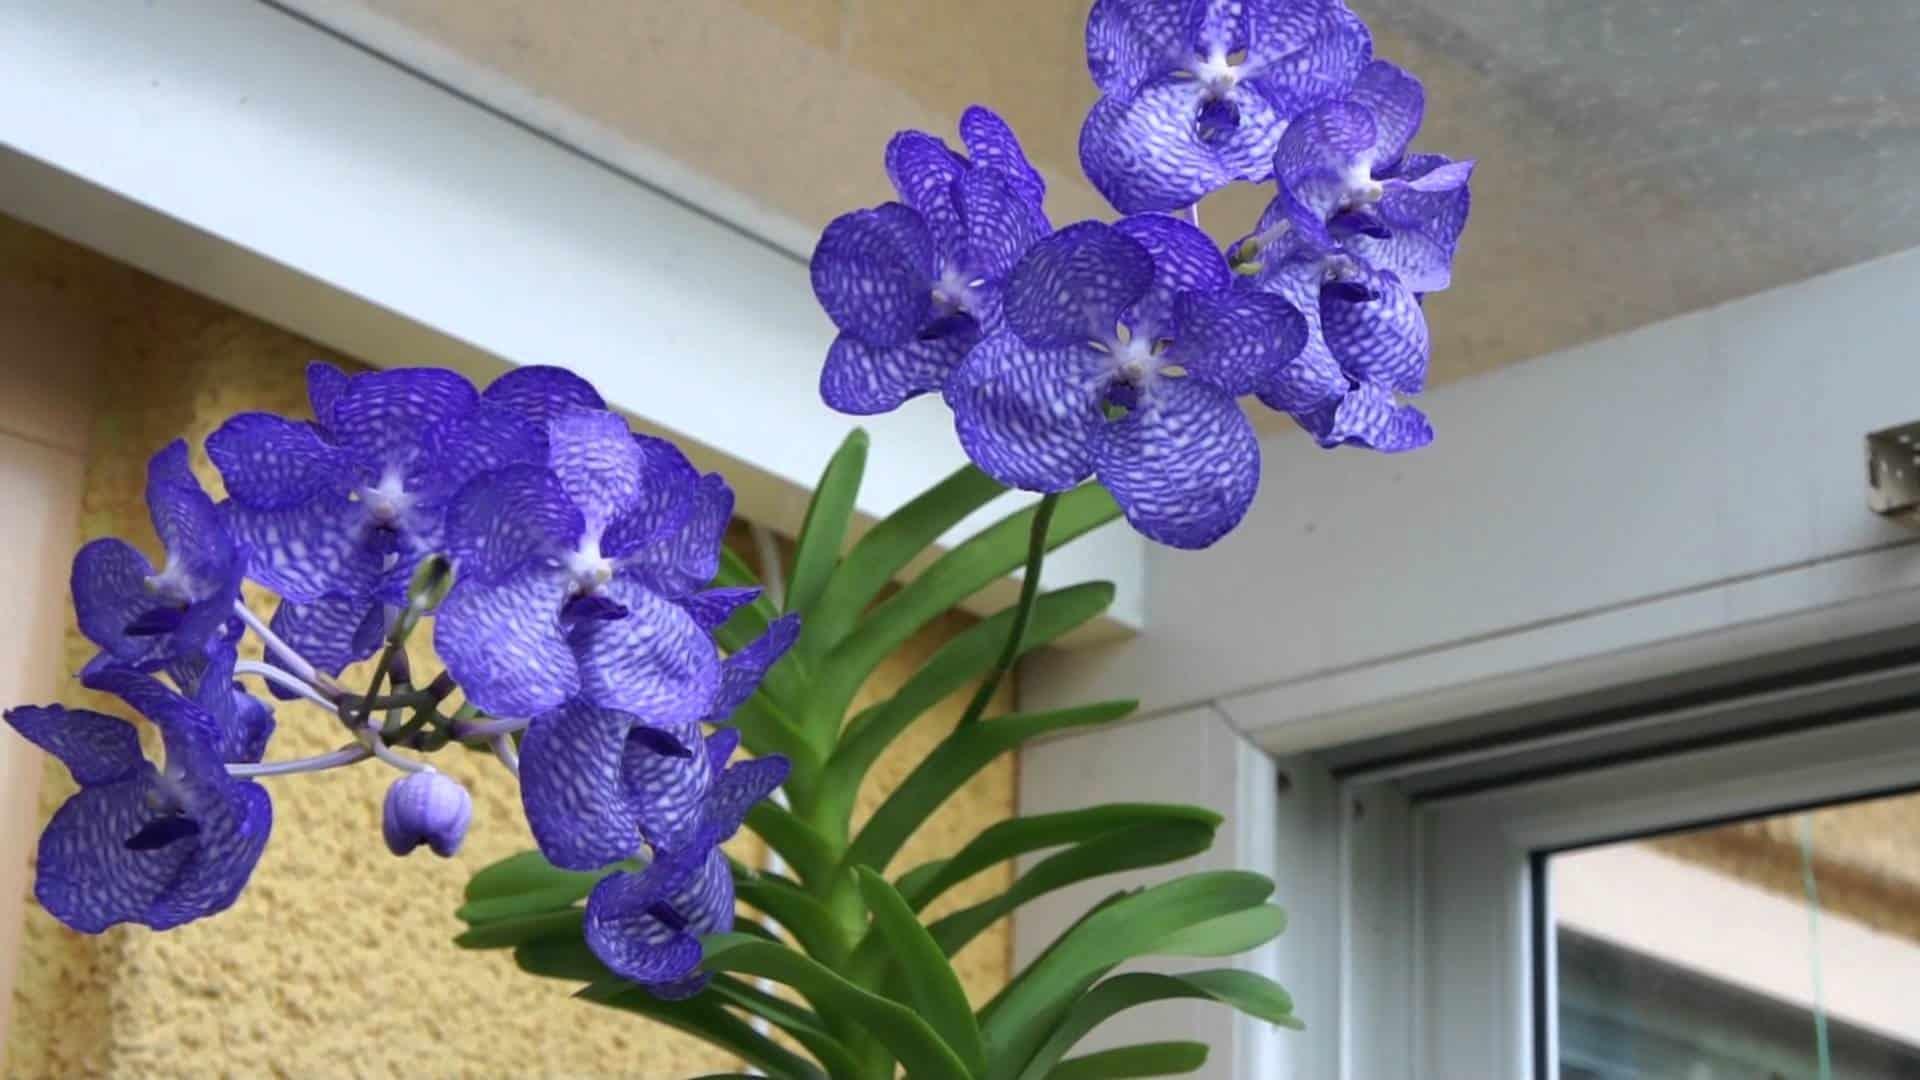 Orquídea Vanda coerulea, a orqúidea azul.